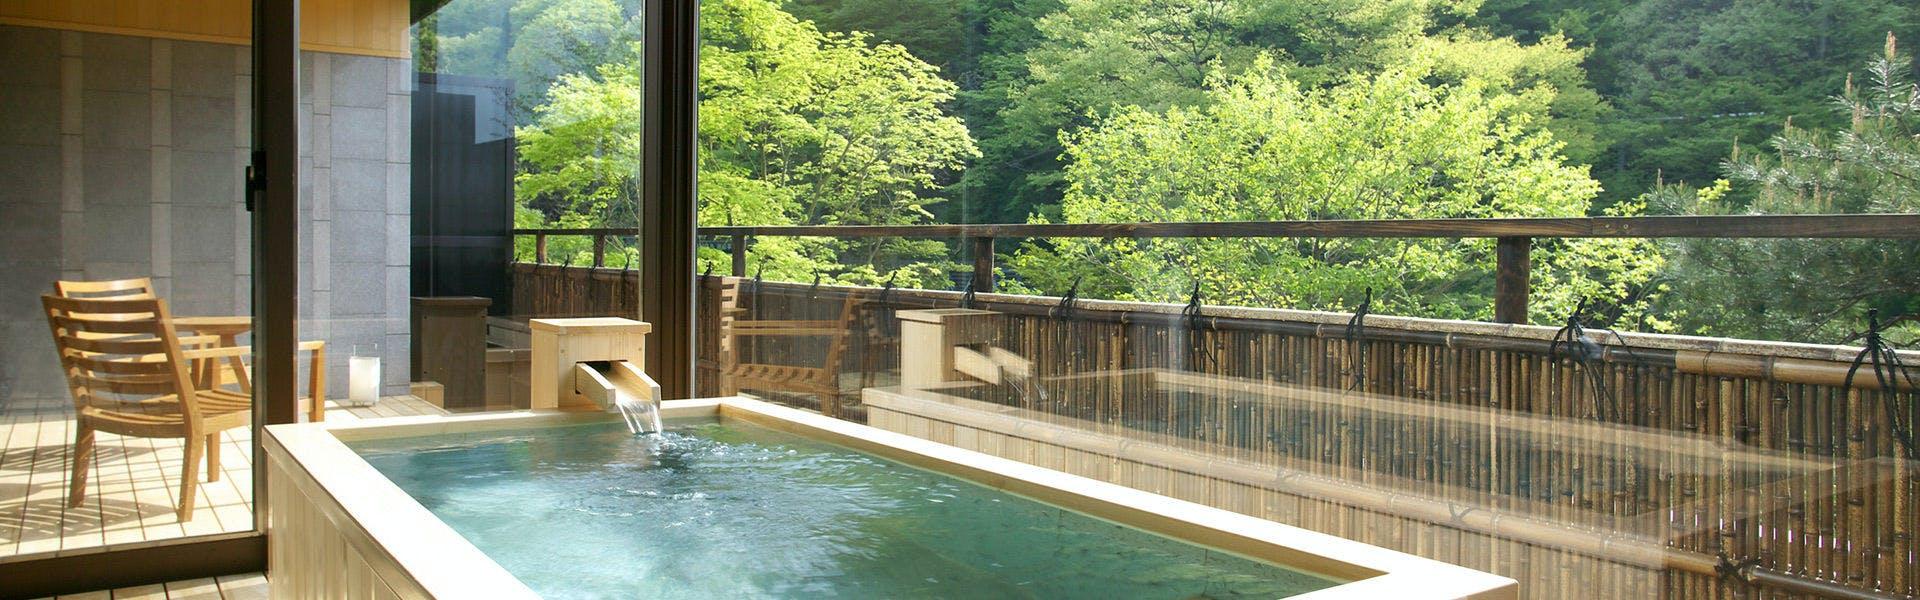 記念日におすすめのホテル・奥伊香保 旅邸 諧暢楼(かいちょうろう)の写真2